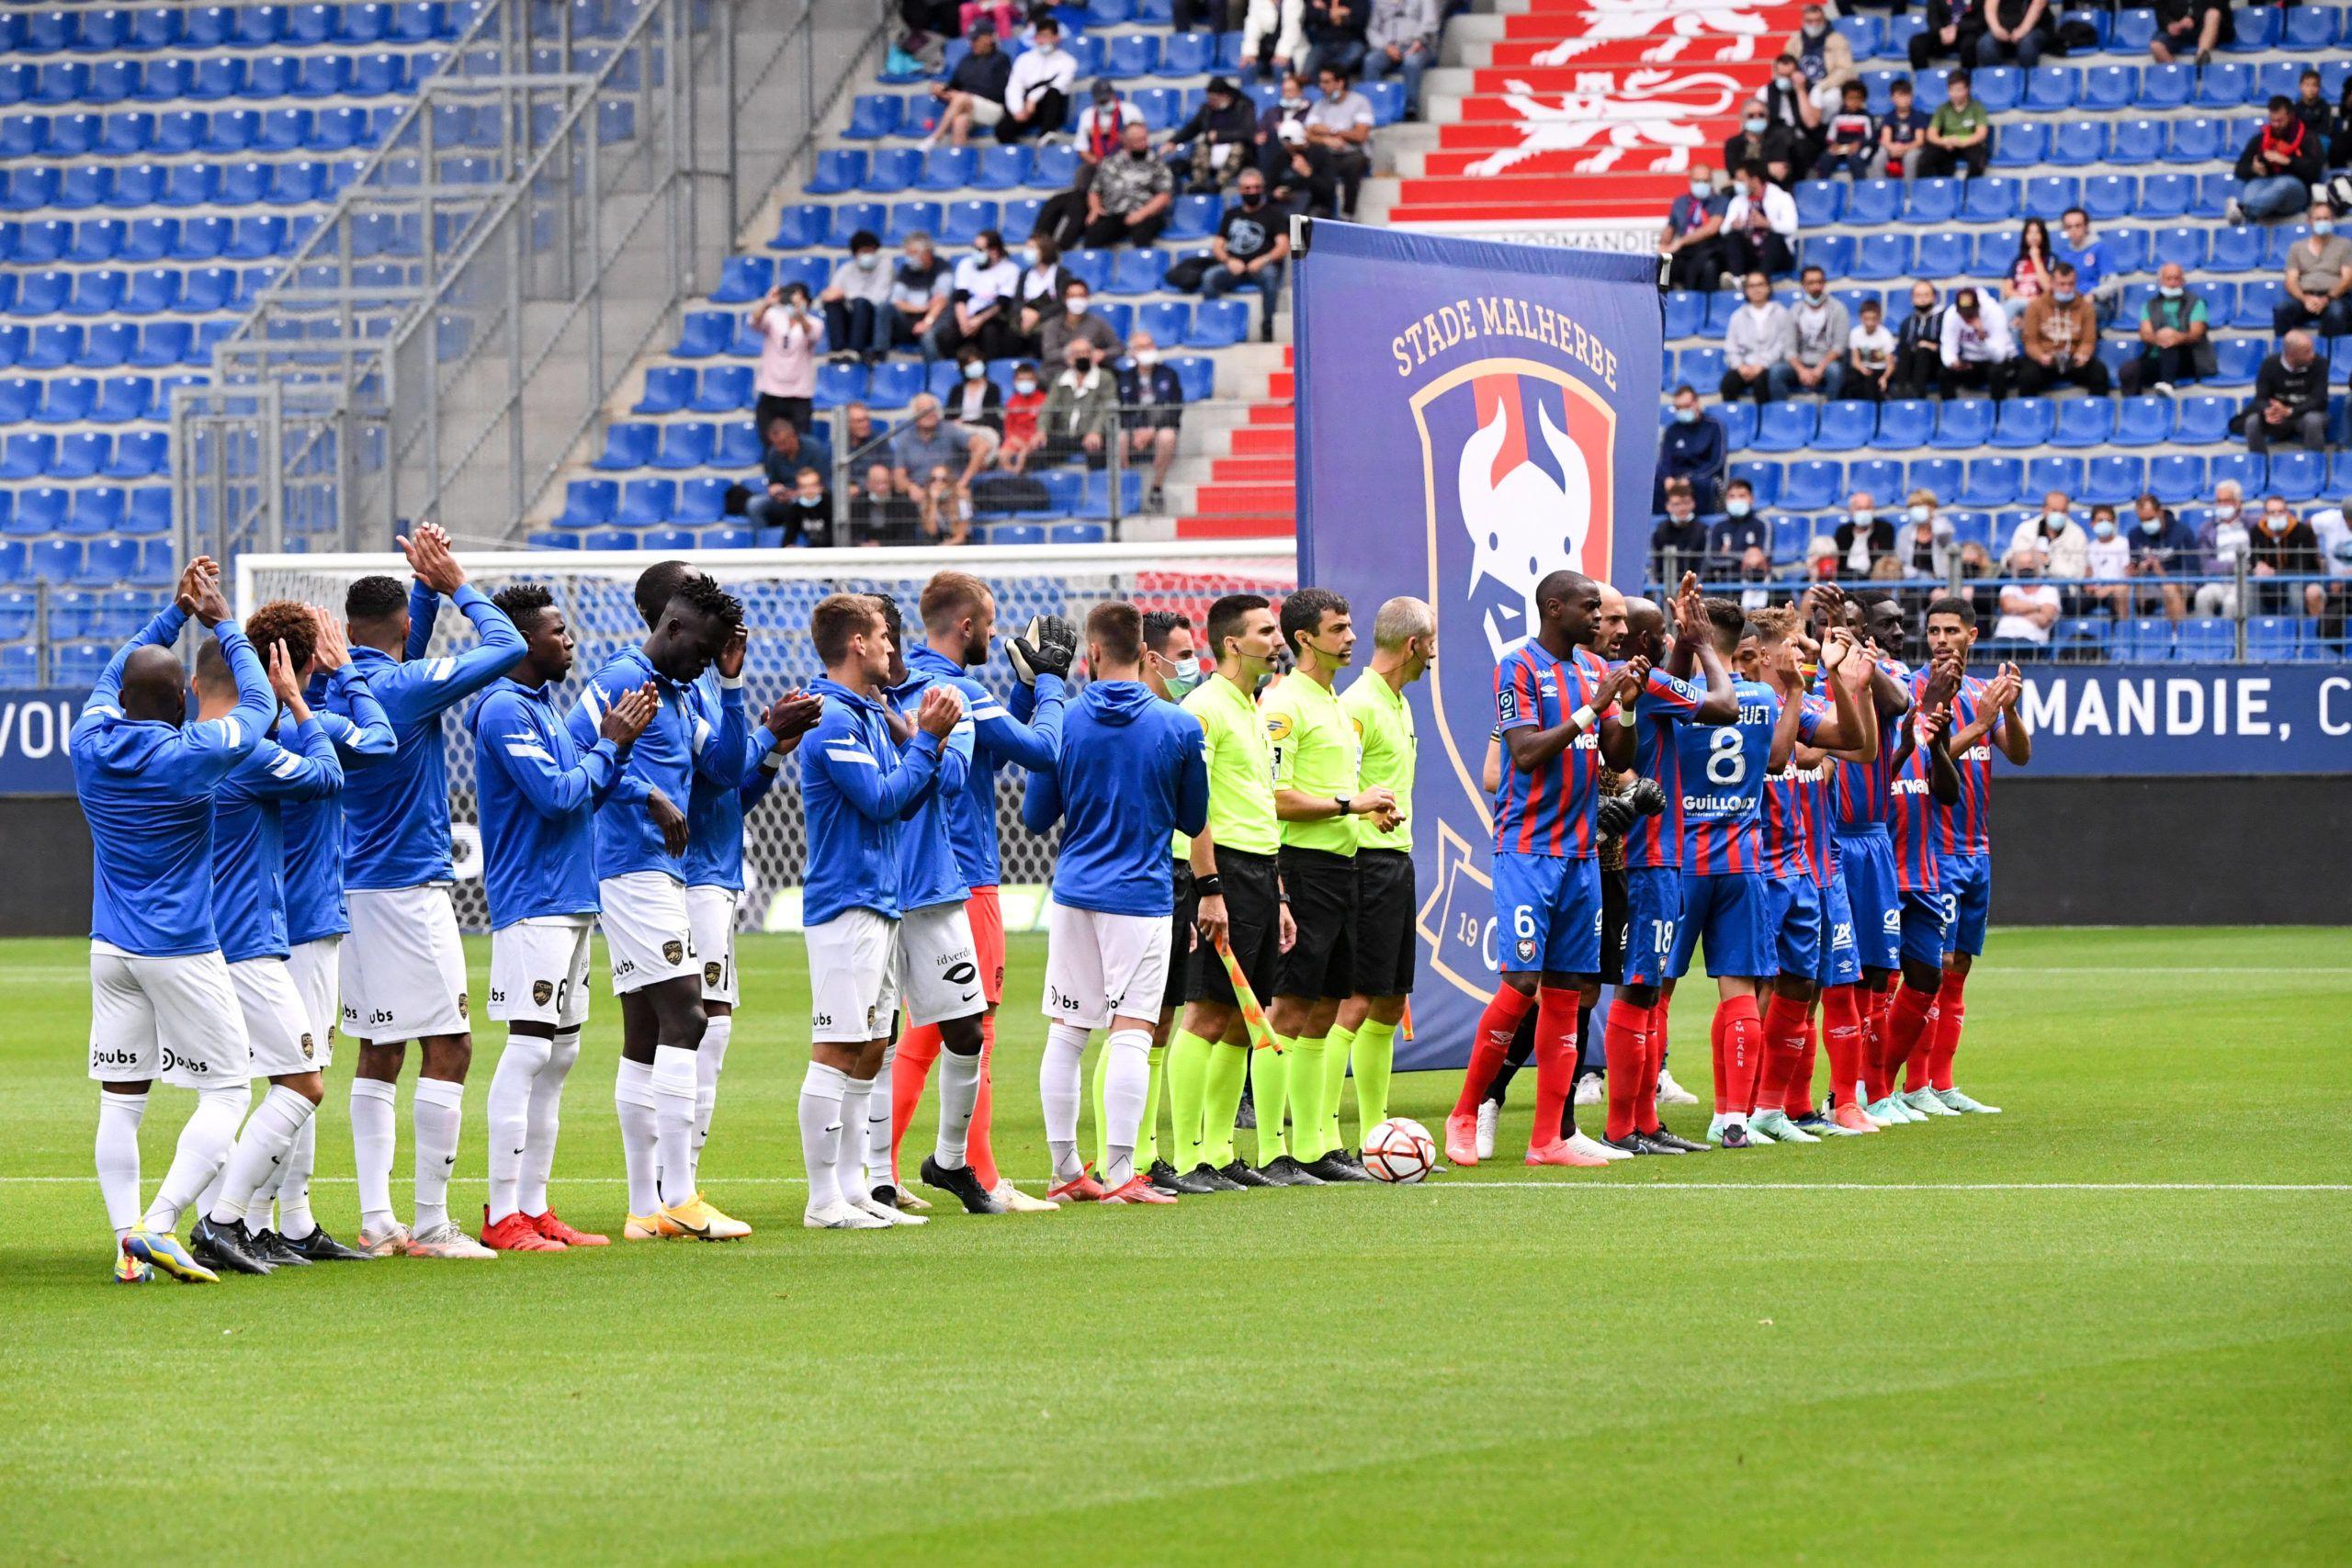 Où en était le SM Caen après 6 journées de championnat la saison dernière ?